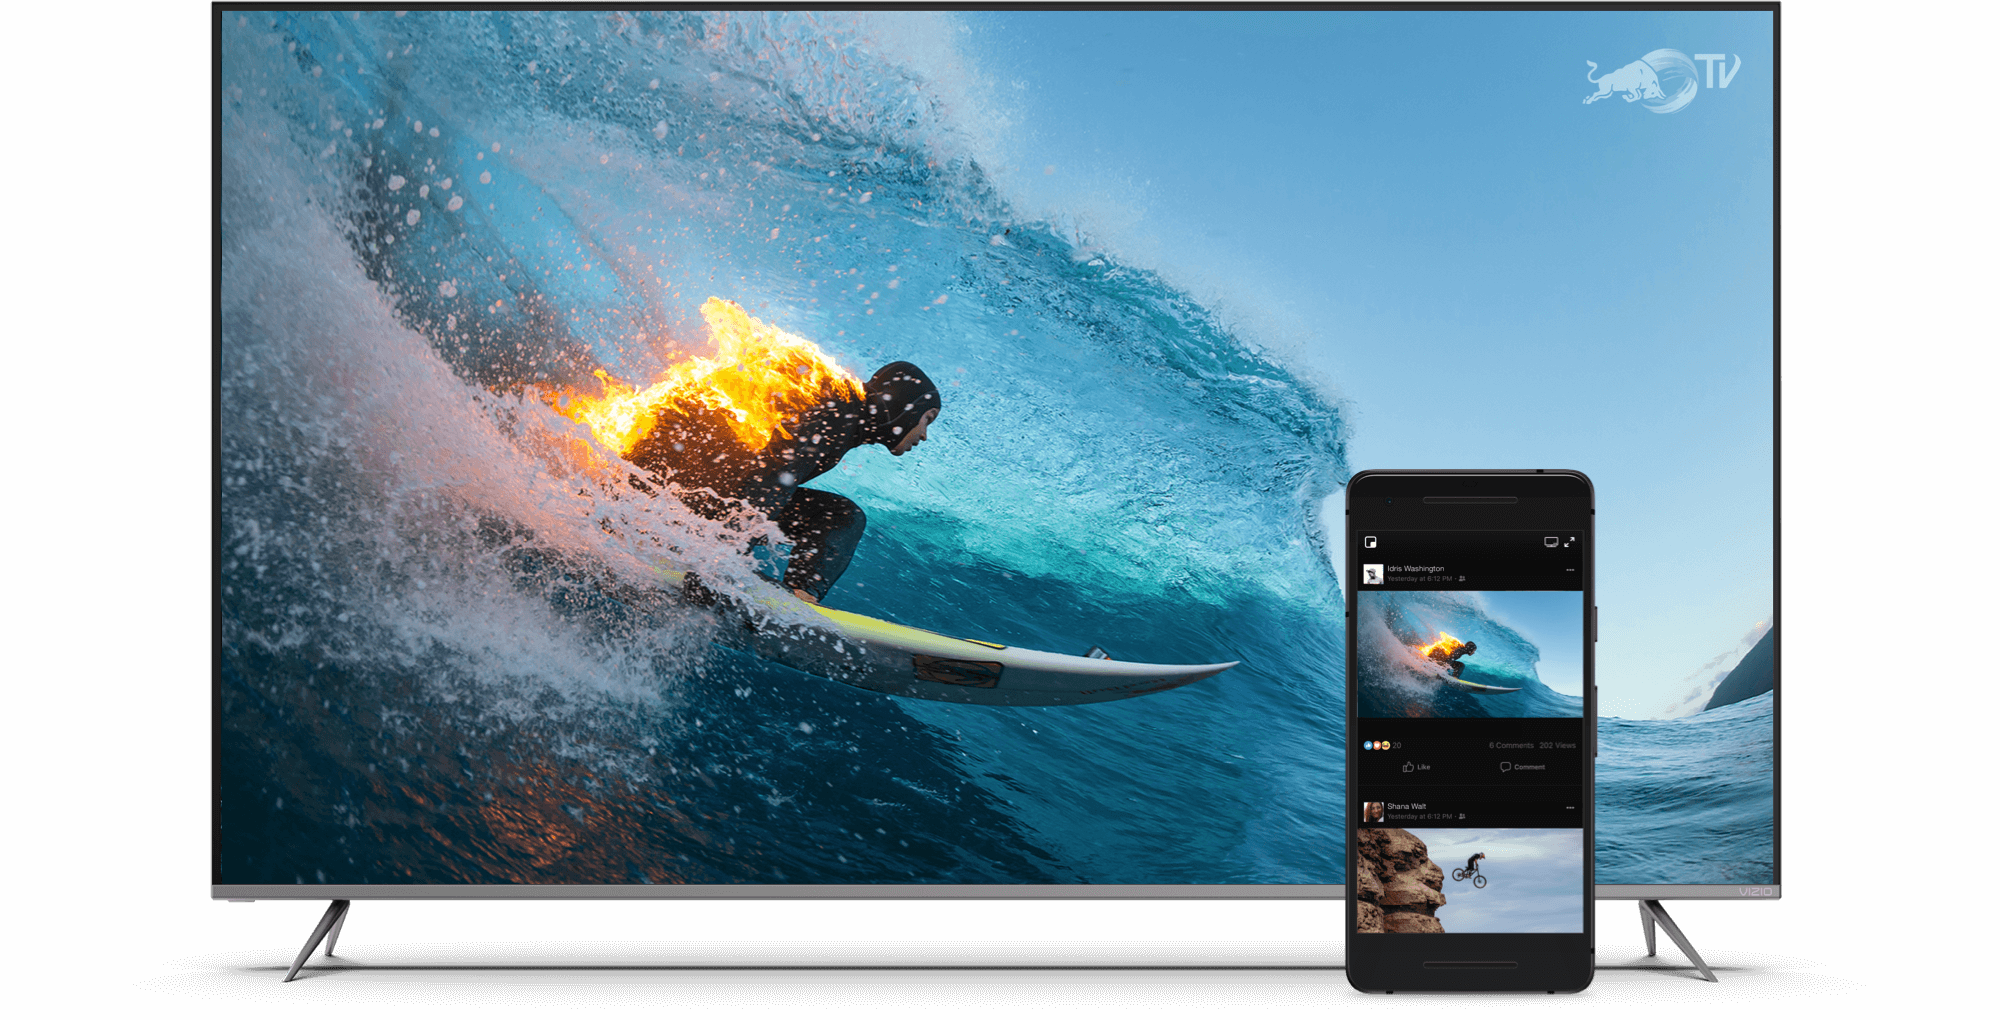 VIZIO TV Featuring Surfer